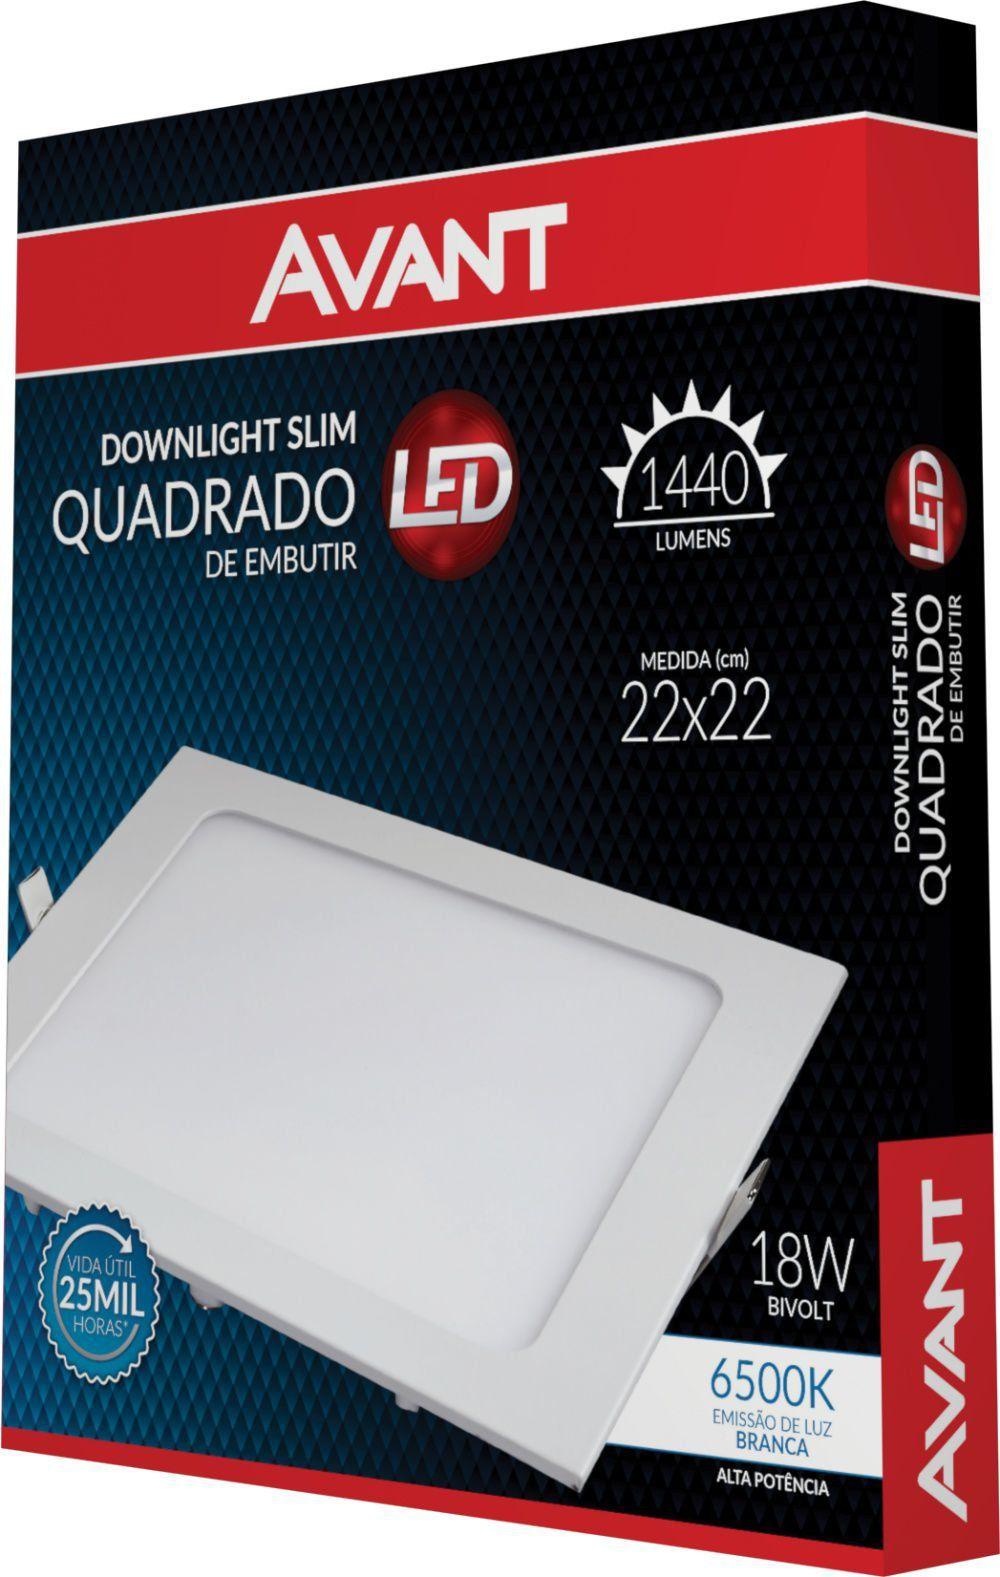 Painel Plafon Led 18W Embutir Quadrado Luminária Slim Avant